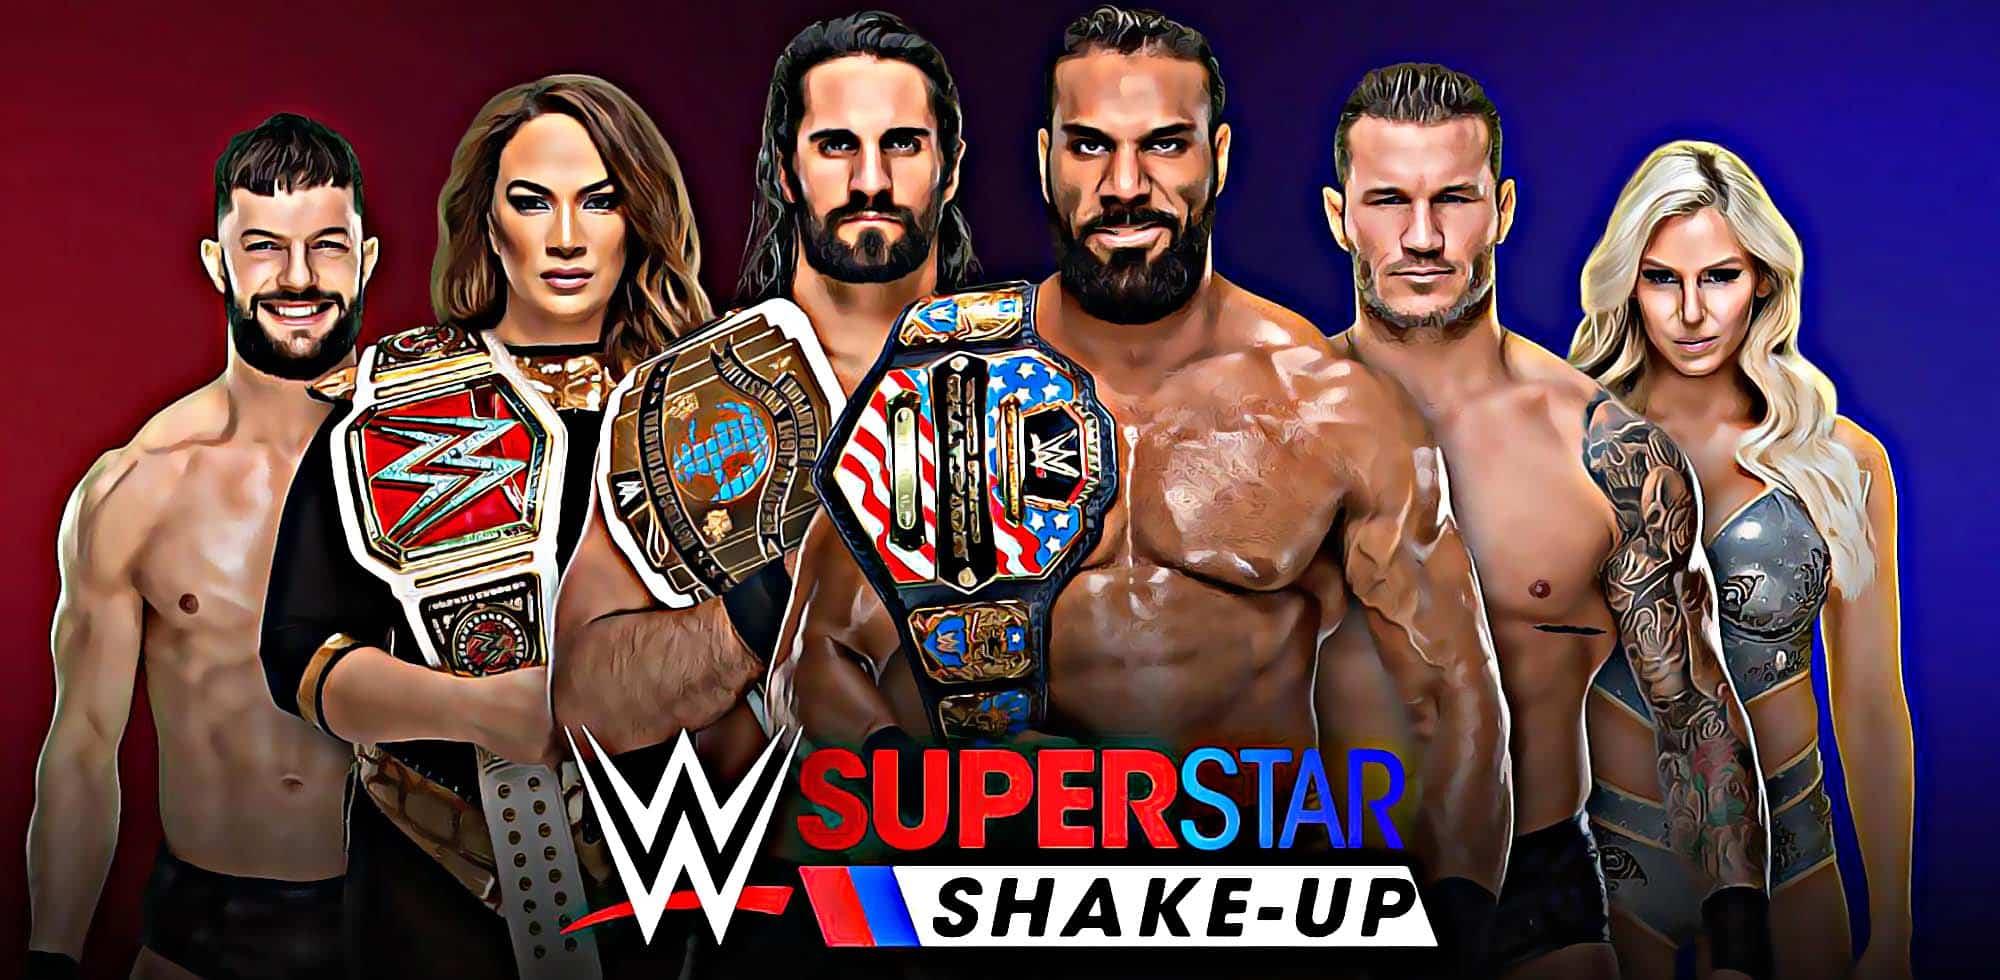 gran espectáculo Dean Ambrose The Mojo Rawley Nueva marca WWE ganó figura AJ Styles